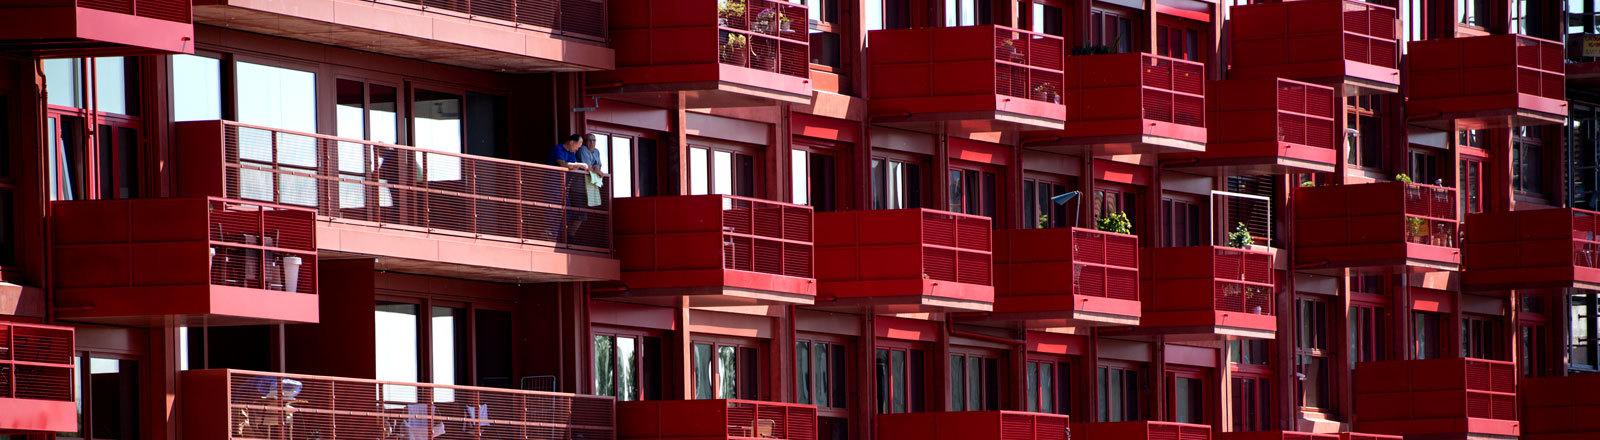 Ein Mehrfamilienhaus mit Balkonen